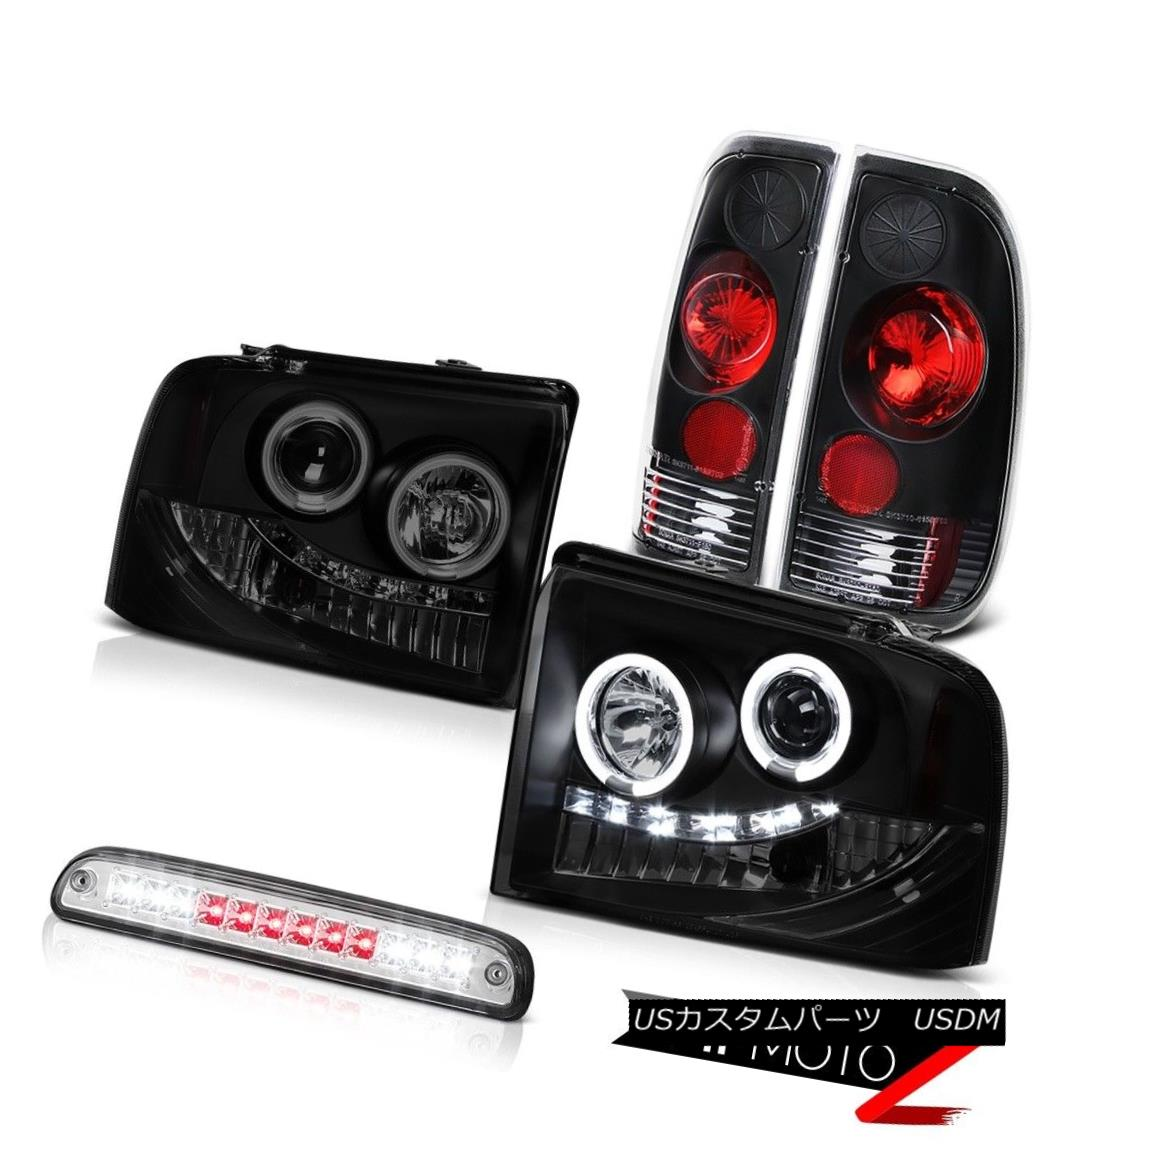 テールライト Dark Smoke Headlights Reverse Tail Lights Euro 3rd Brake LED 05-07 F350 Amarillo ダークスモークヘッドライトリバーステールライトユーロ第3ブレーキLED 05-07 F350アマリロ